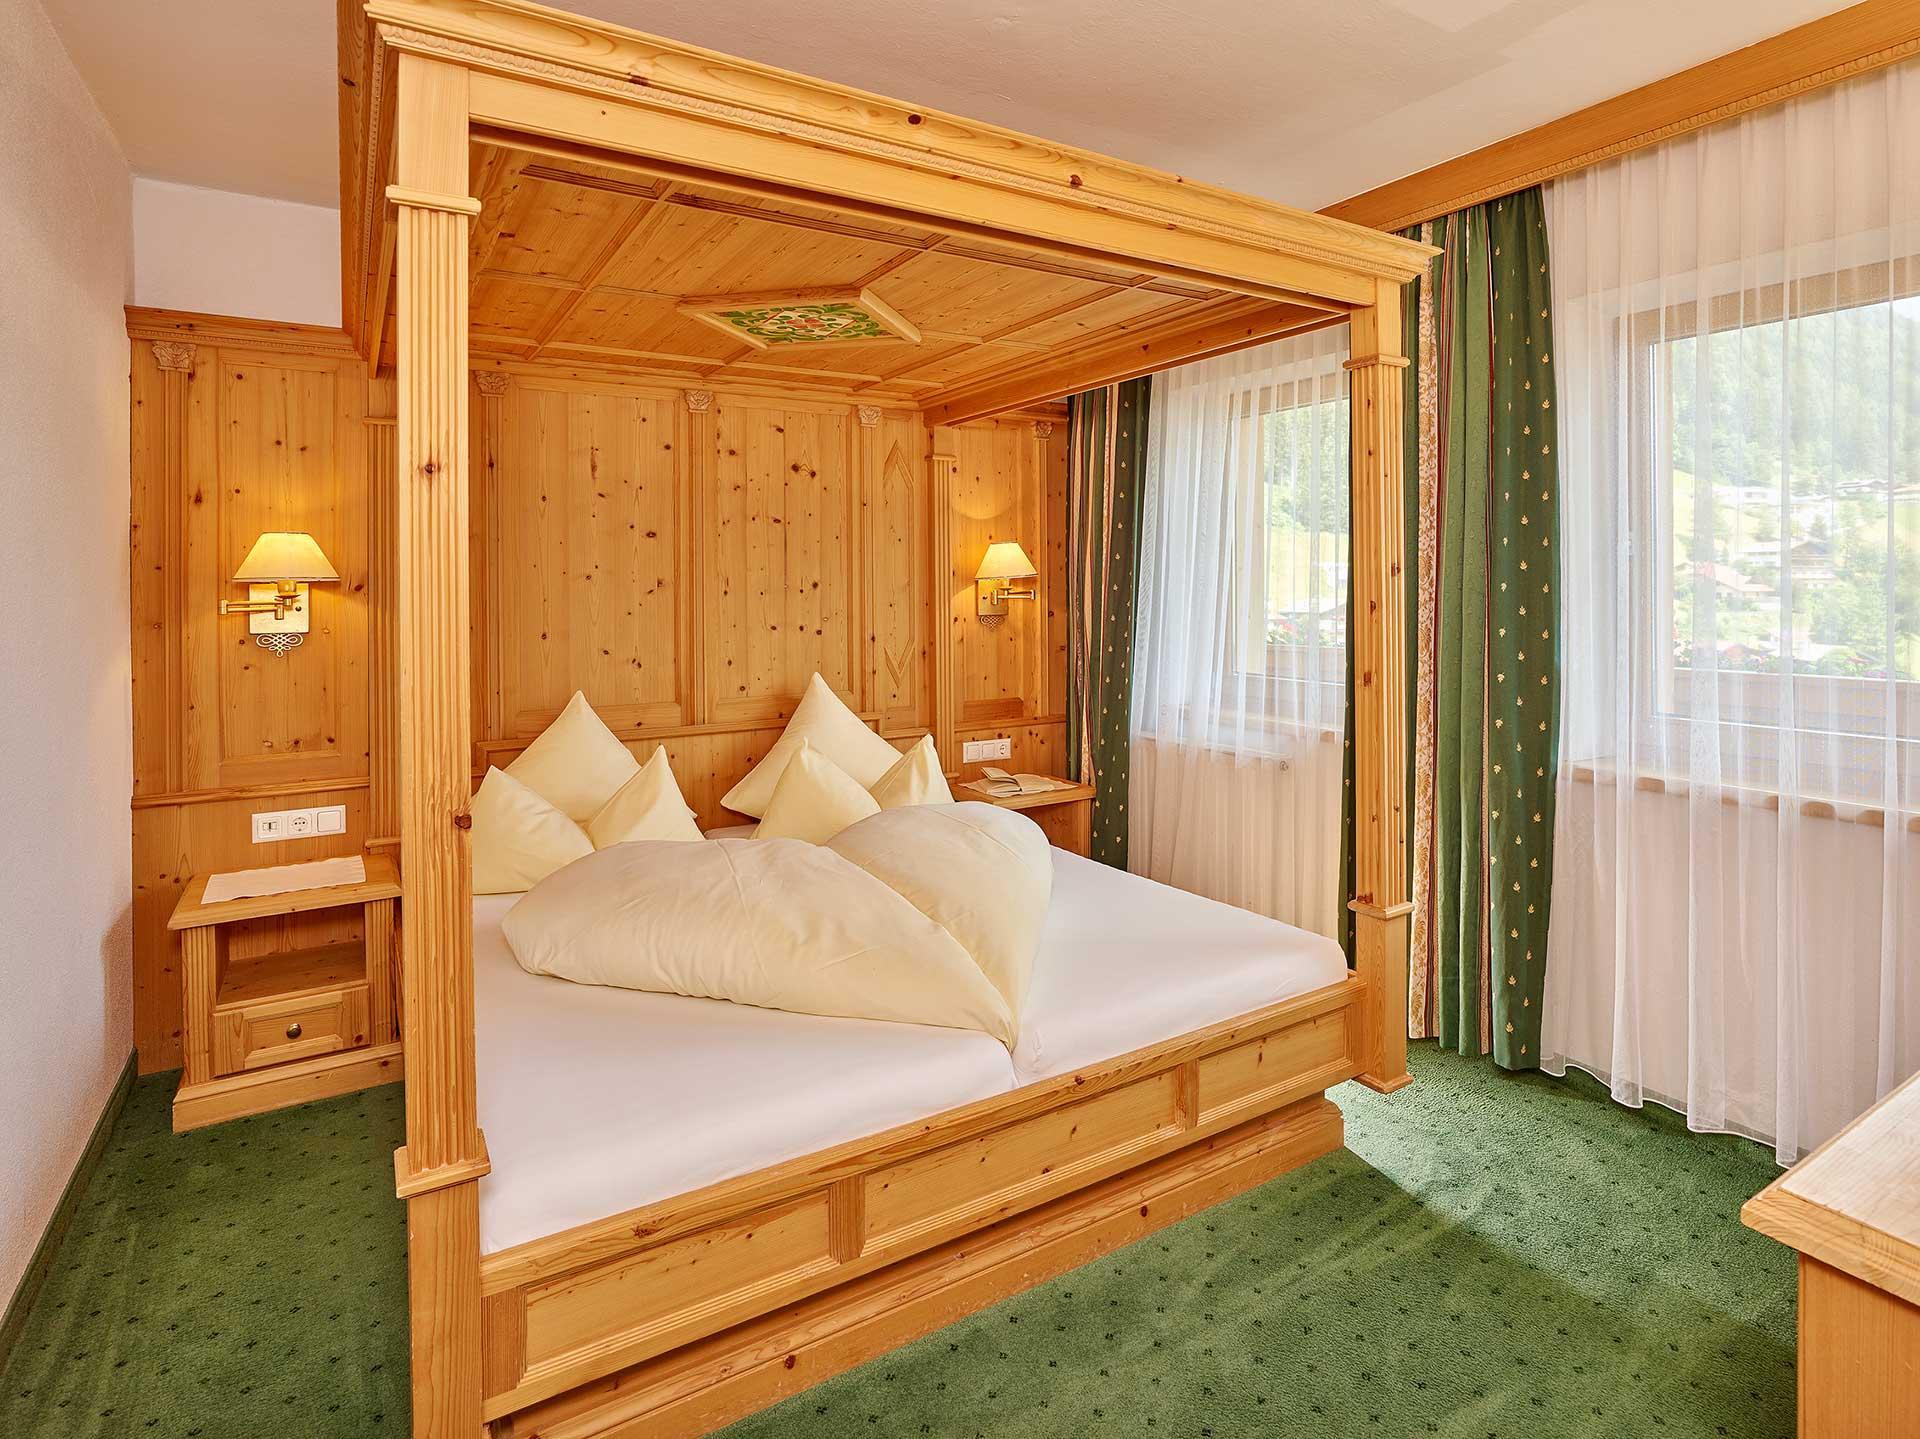 Gemütliche Sitzecke Schlafzimmer